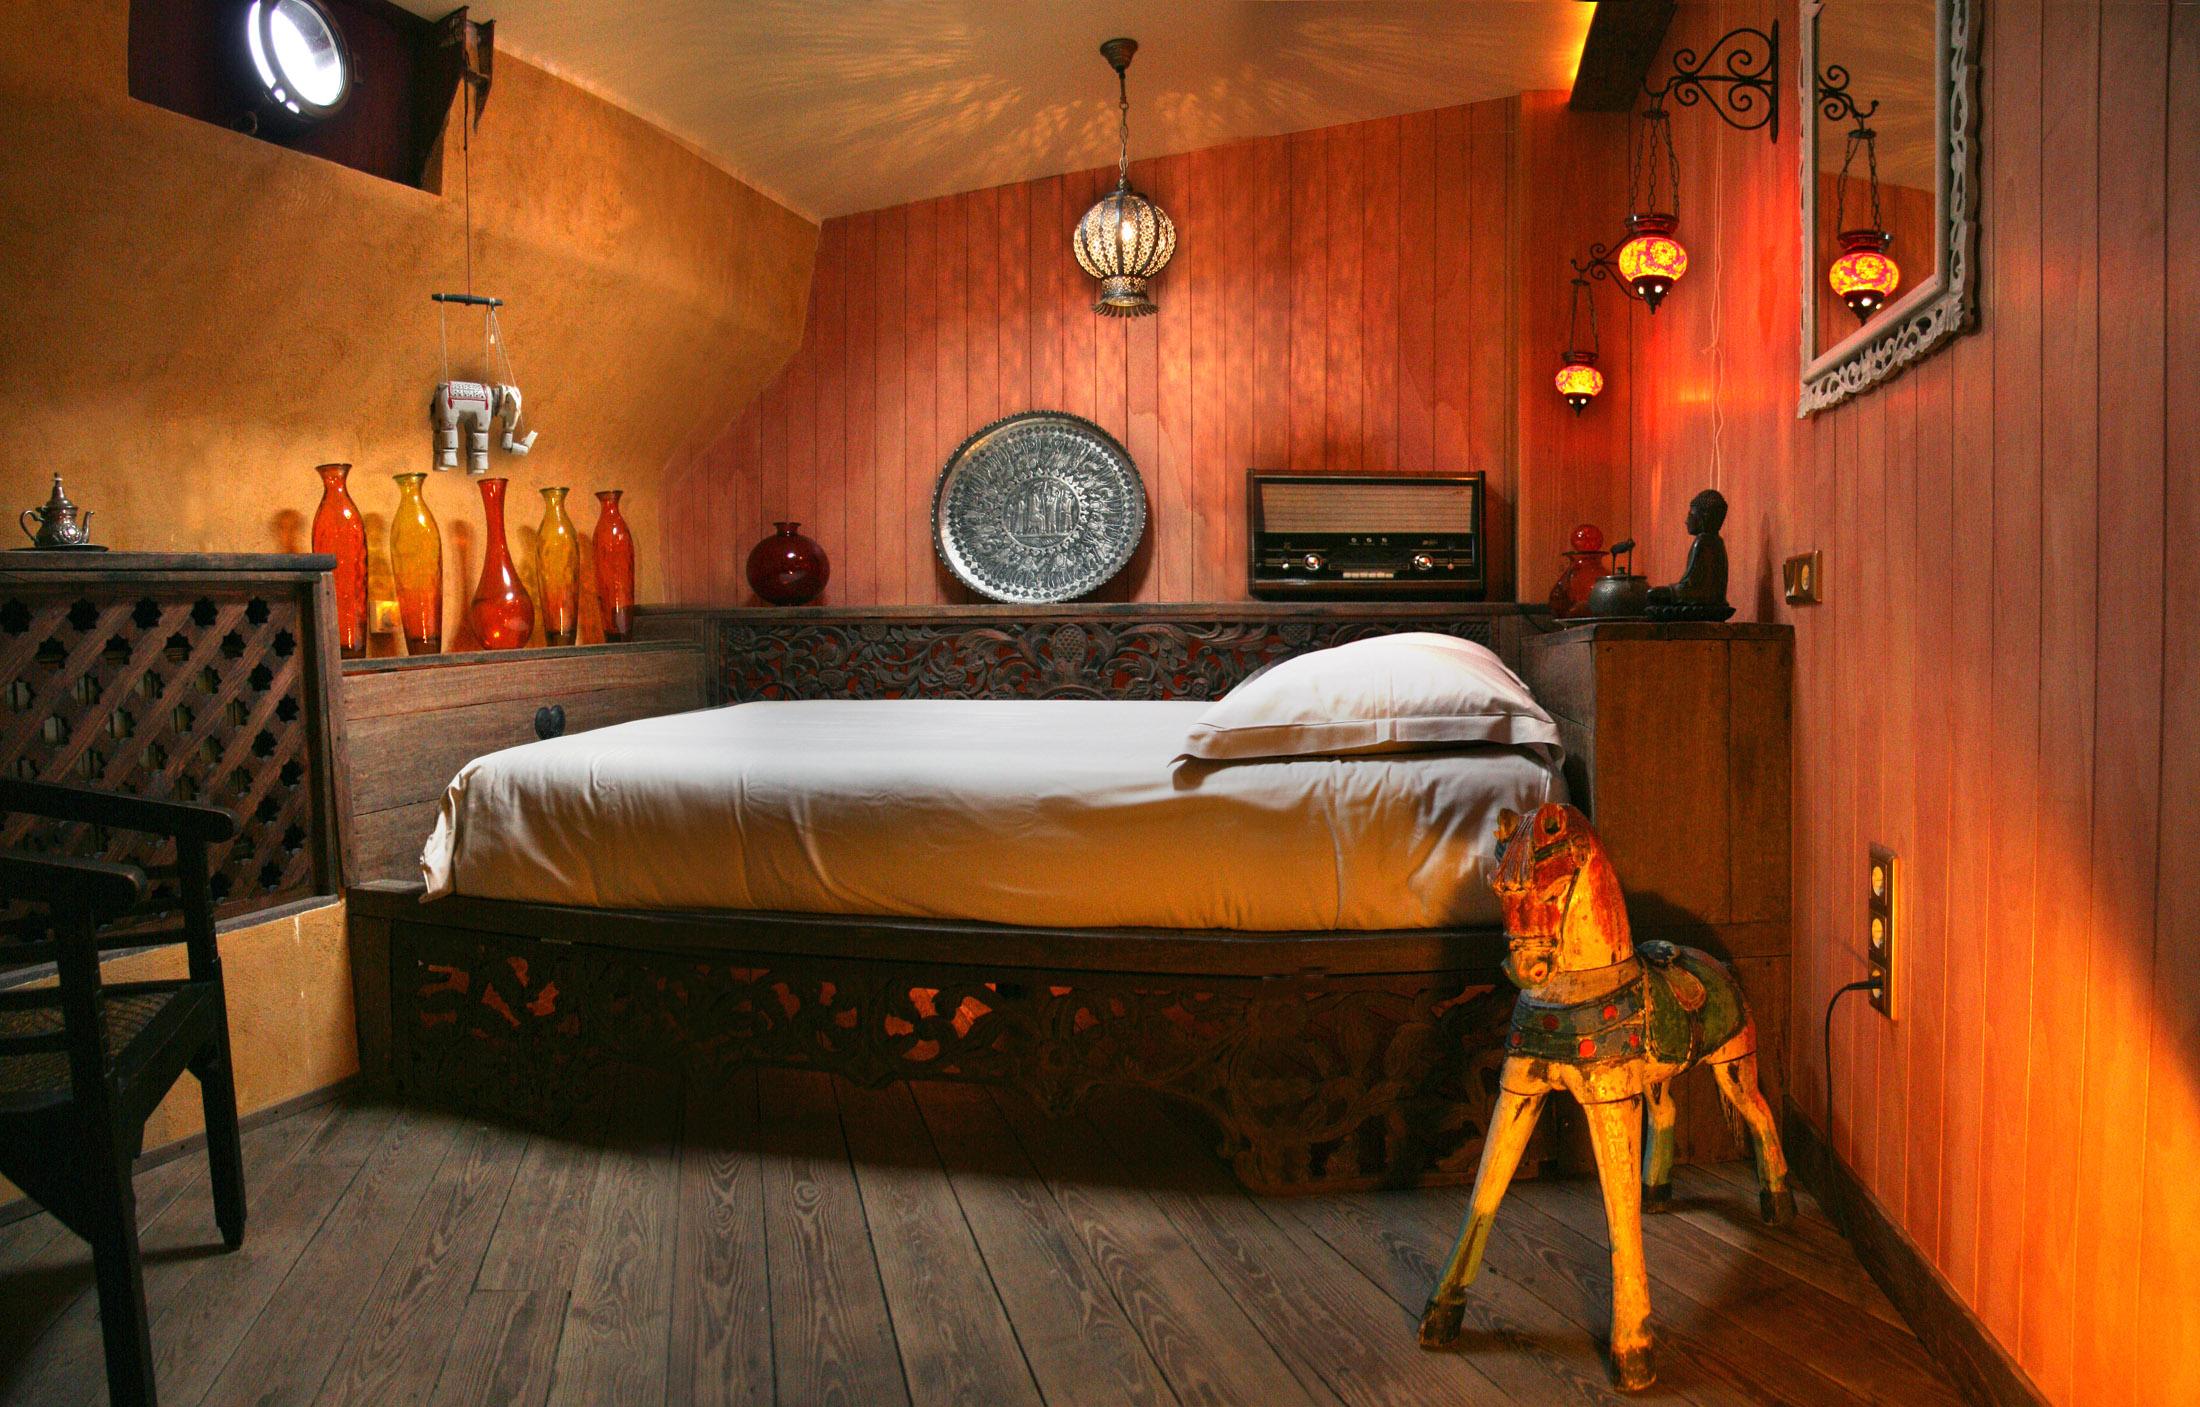 Supertrips - Opoe Sientje: Bed & Breakfast en Museum